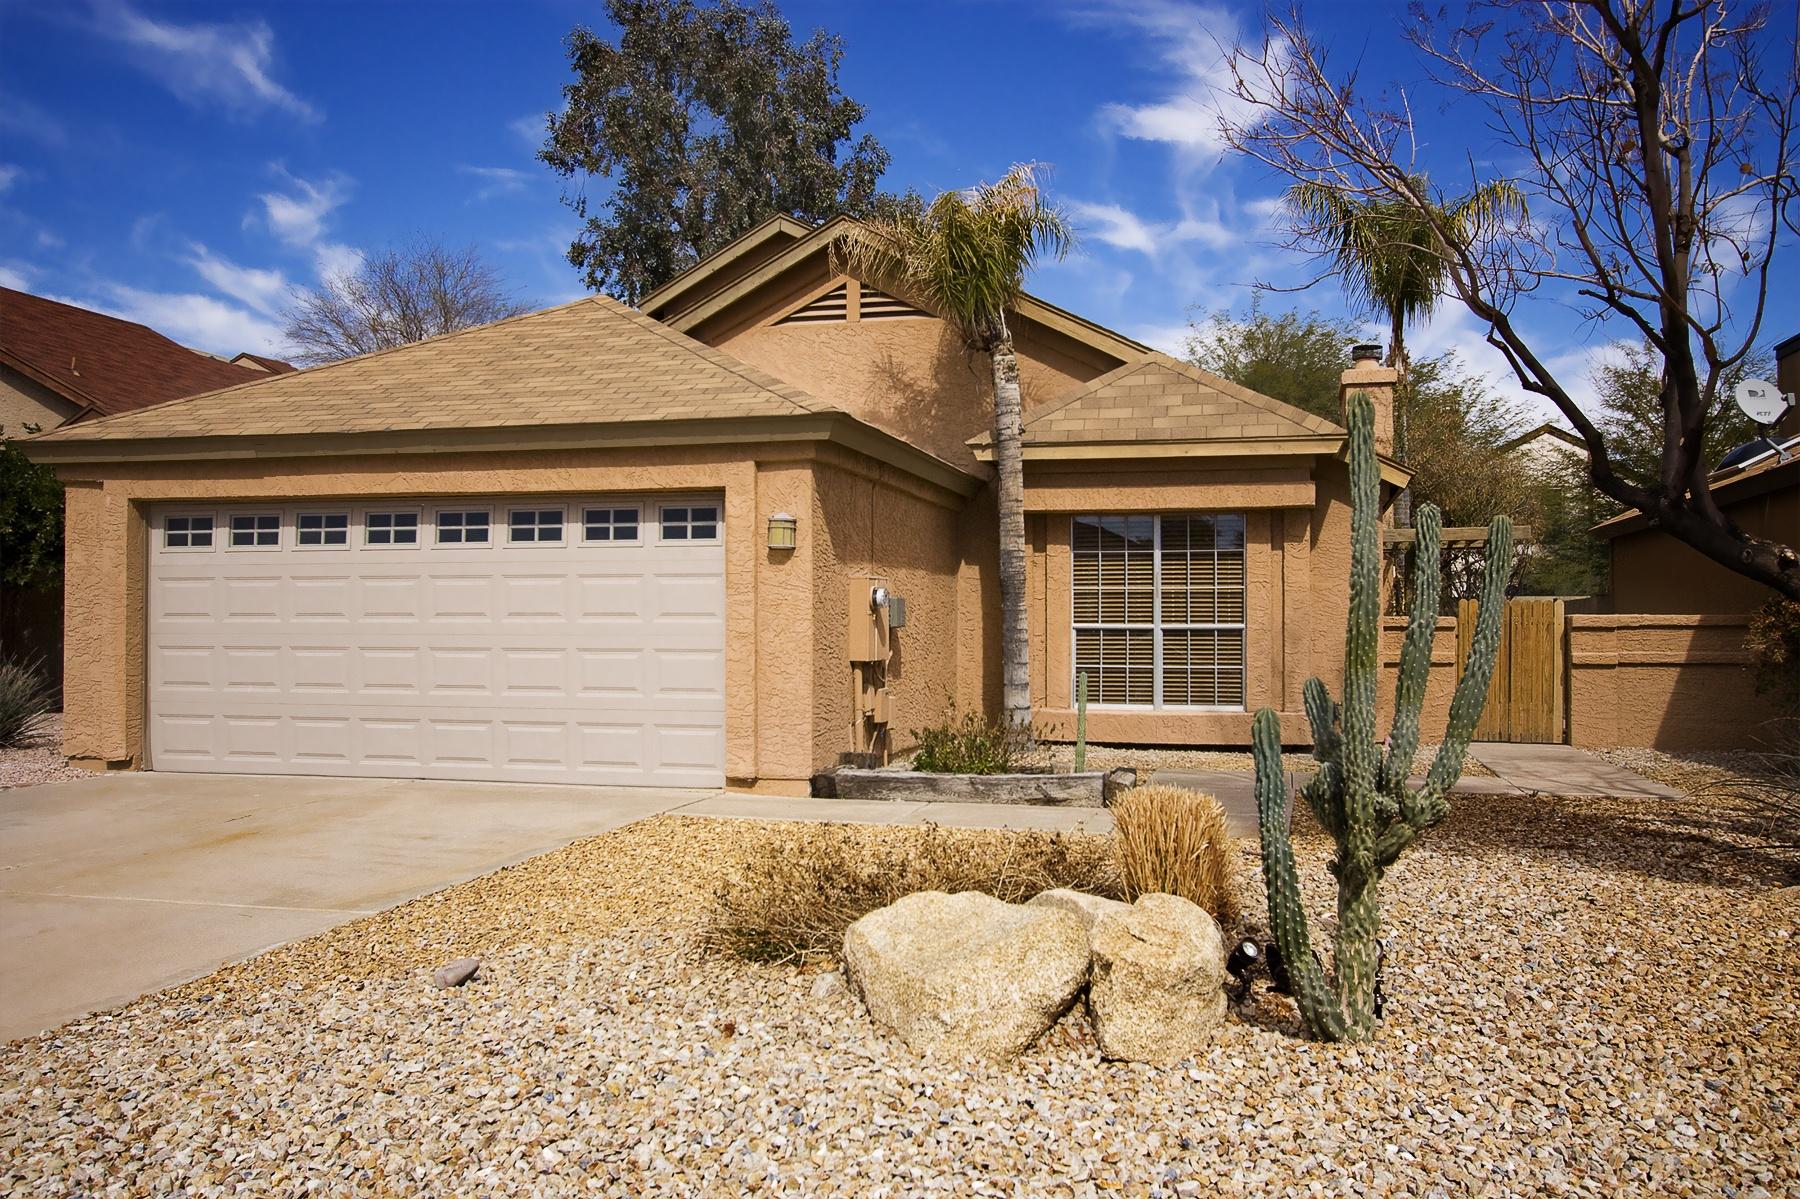 Residential roof in Phoenix, AZ.